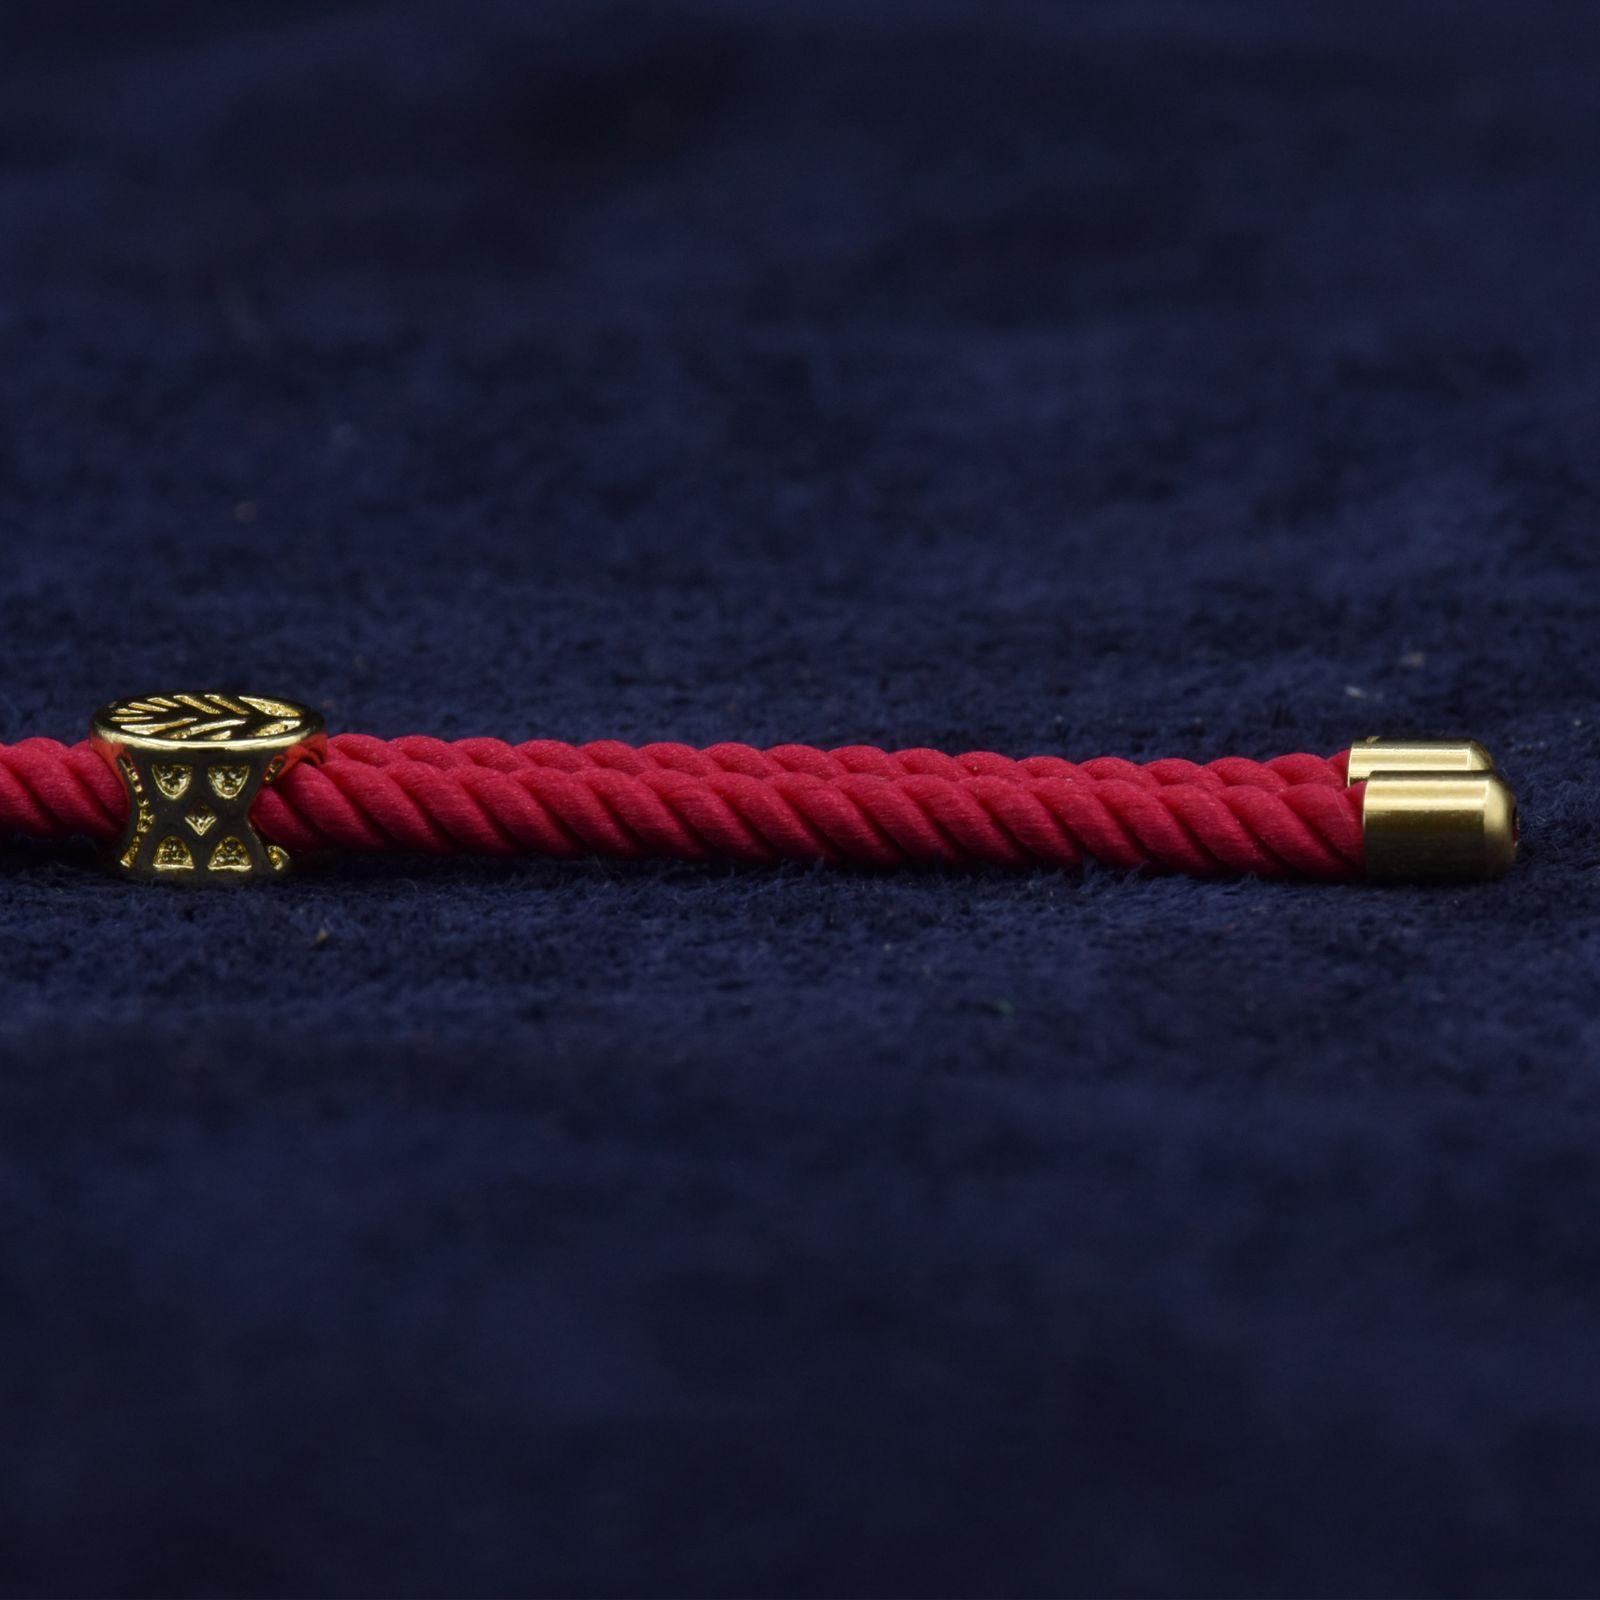 دستبند طلا 18 عیار زنانه آمانژ طرح اسلیمی کد 912D3389 -  - 3